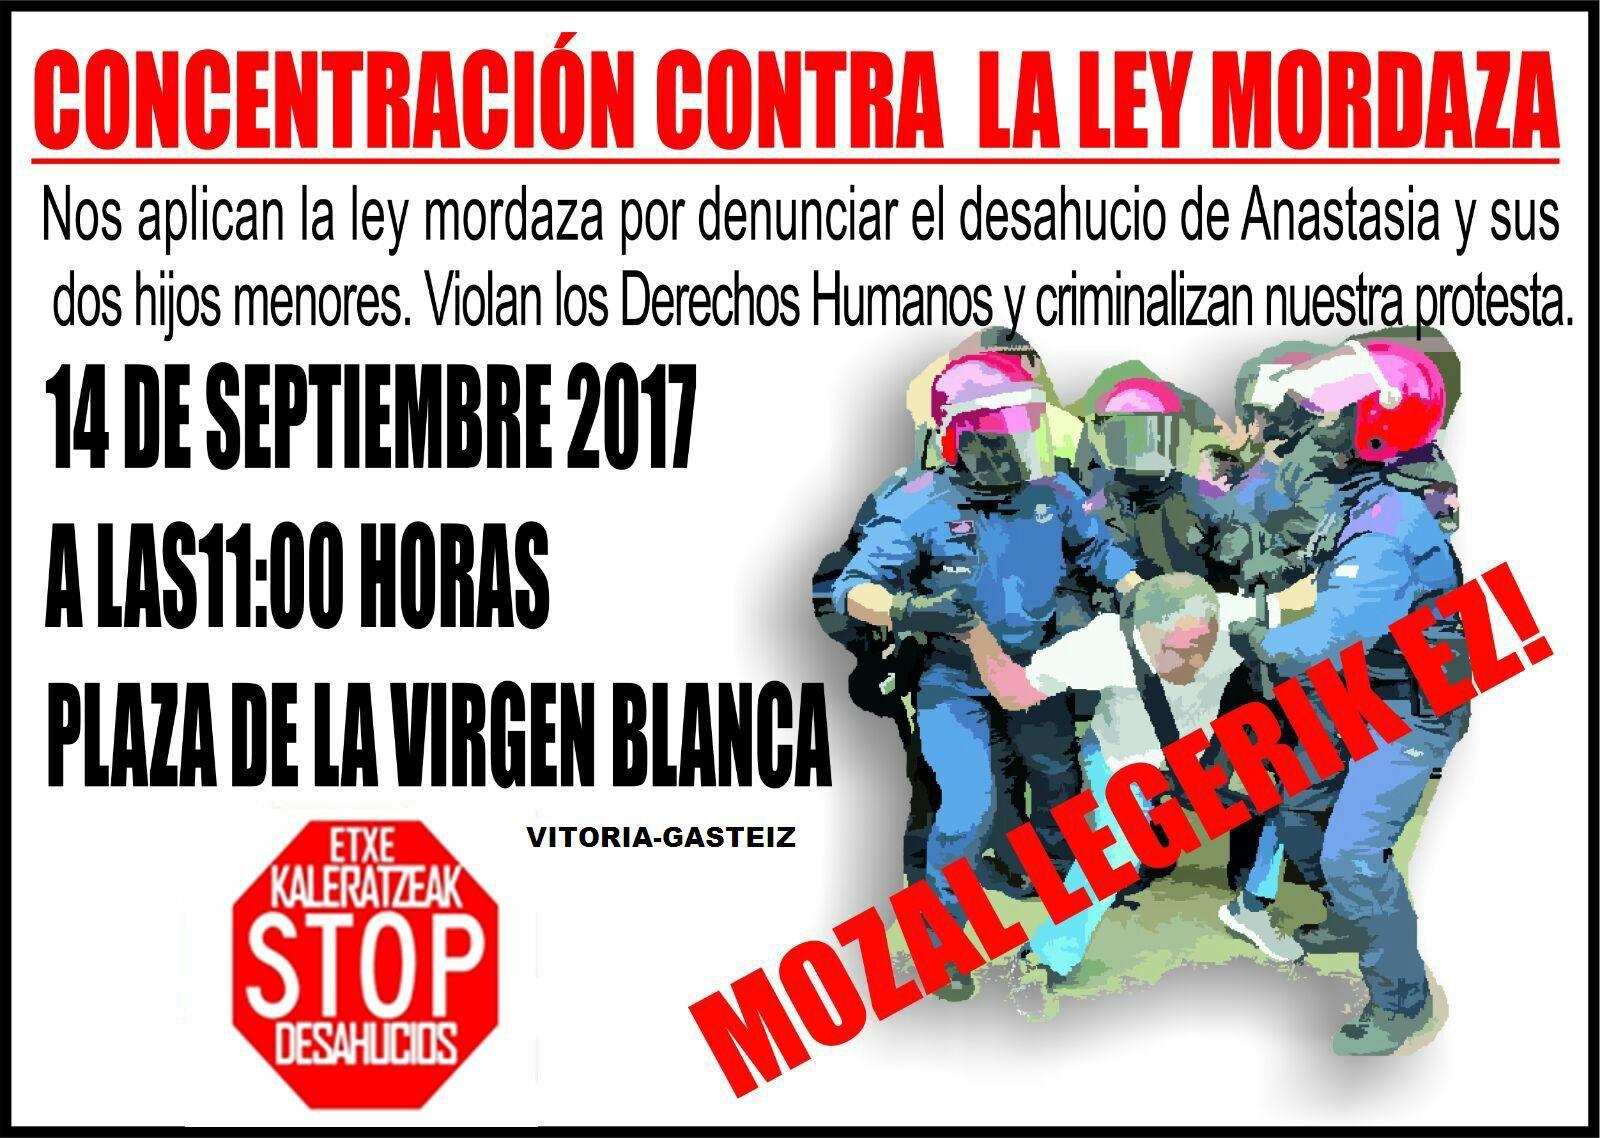 KaleratzeakStopDesahuciosAraba: CONCENTRACIÓN CONTRA LA LEY